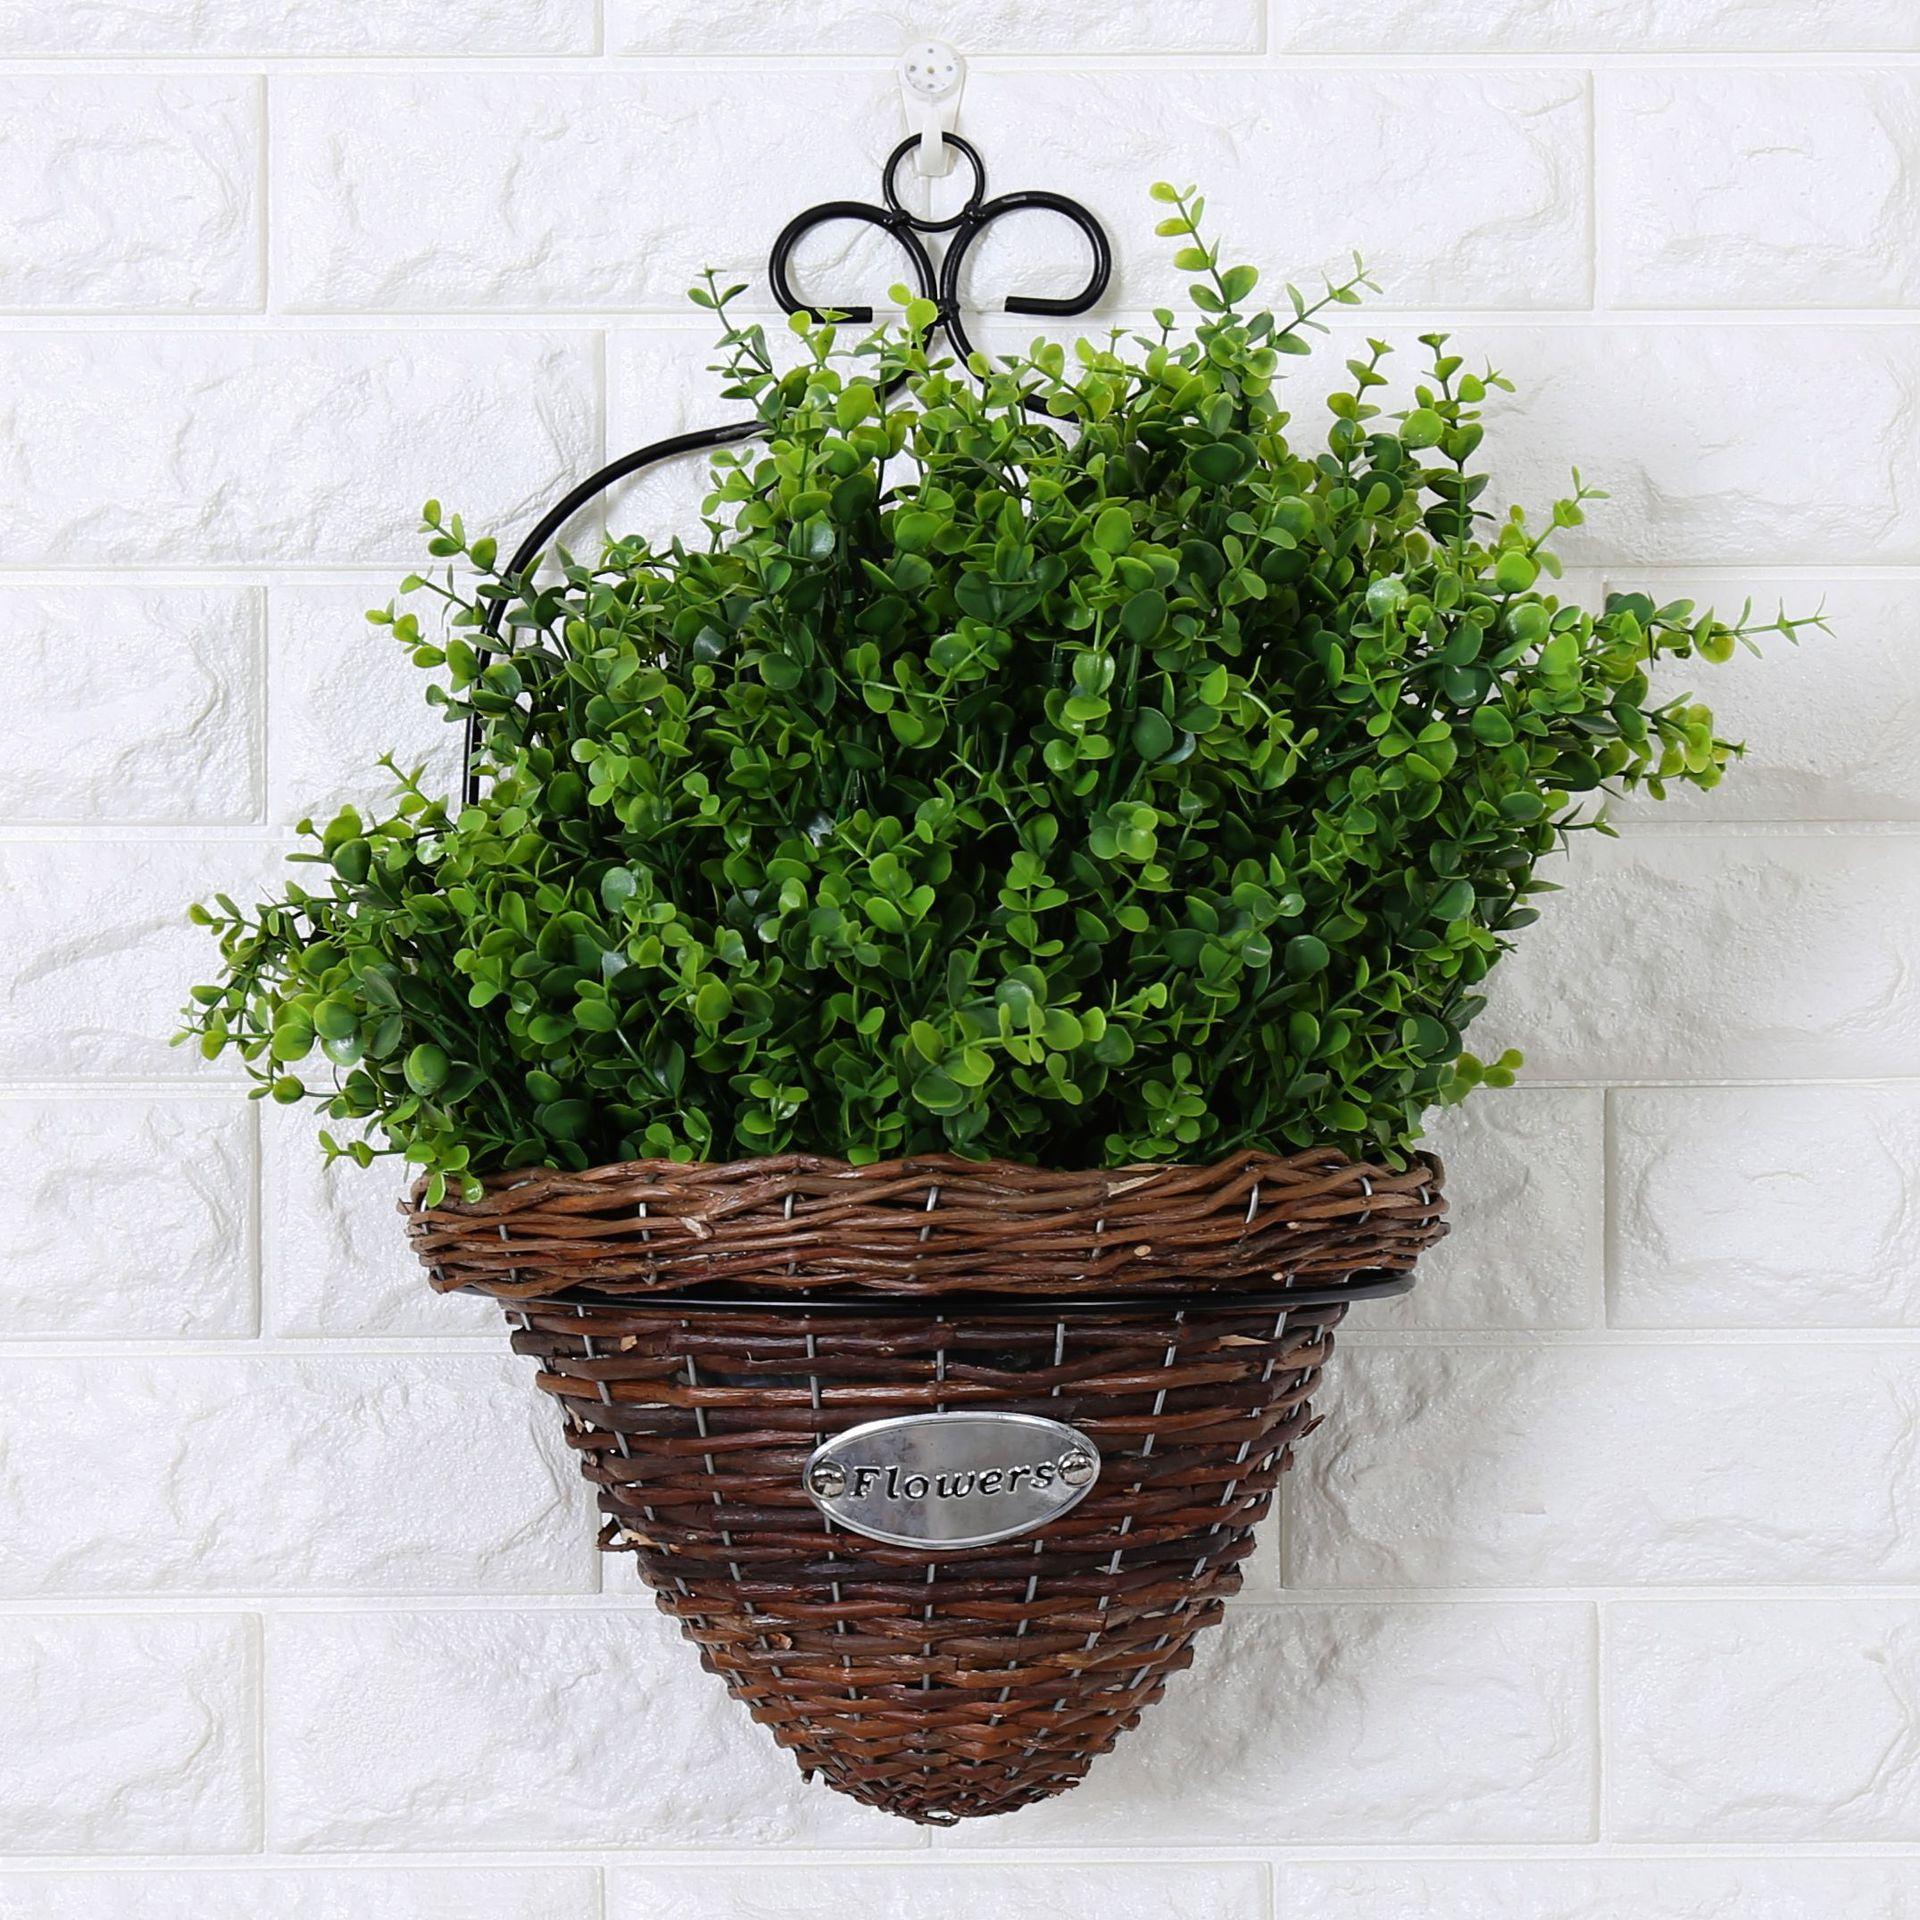 home garden wall mount planter flower grass hanging basket. Black Bedroom Furniture Sets. Home Design Ideas